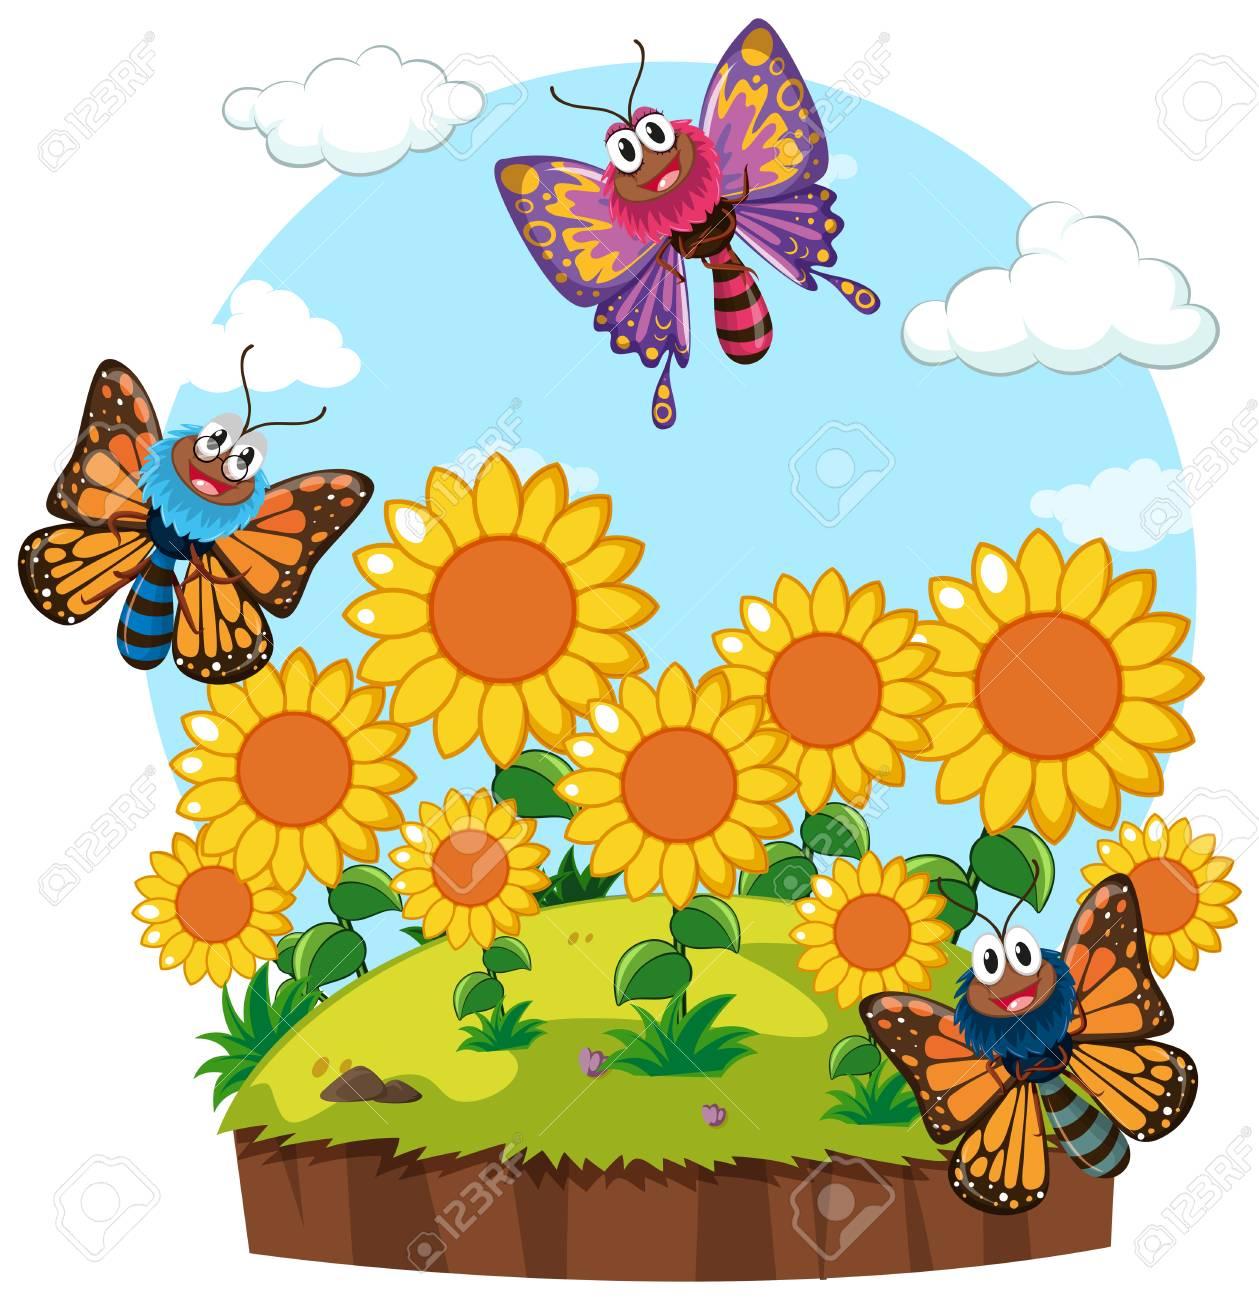 Garden scene with butterflies in sunflower garden illustration.